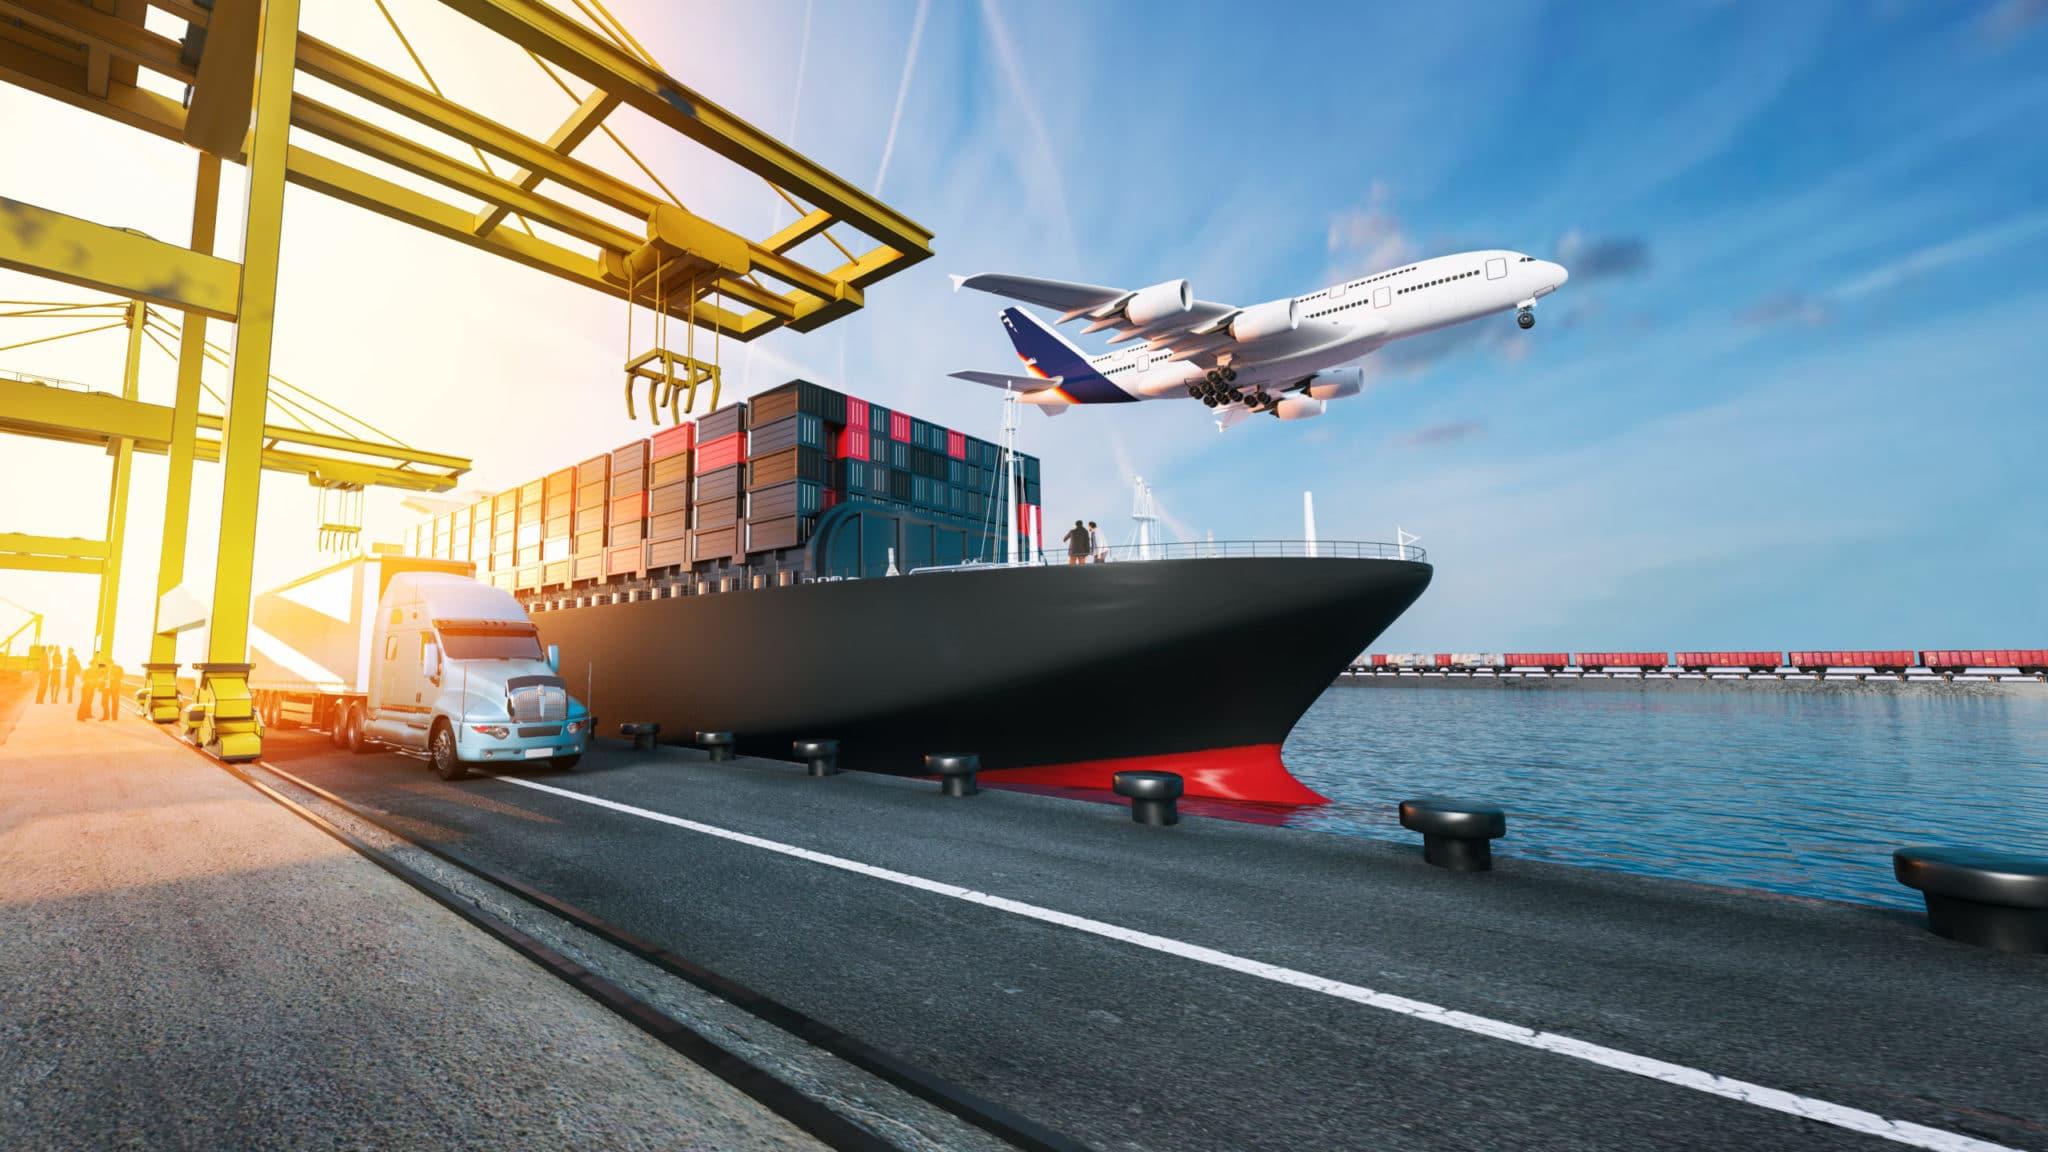 Soluciones de envío y transporte de carga de calidad | All Star Service Corp